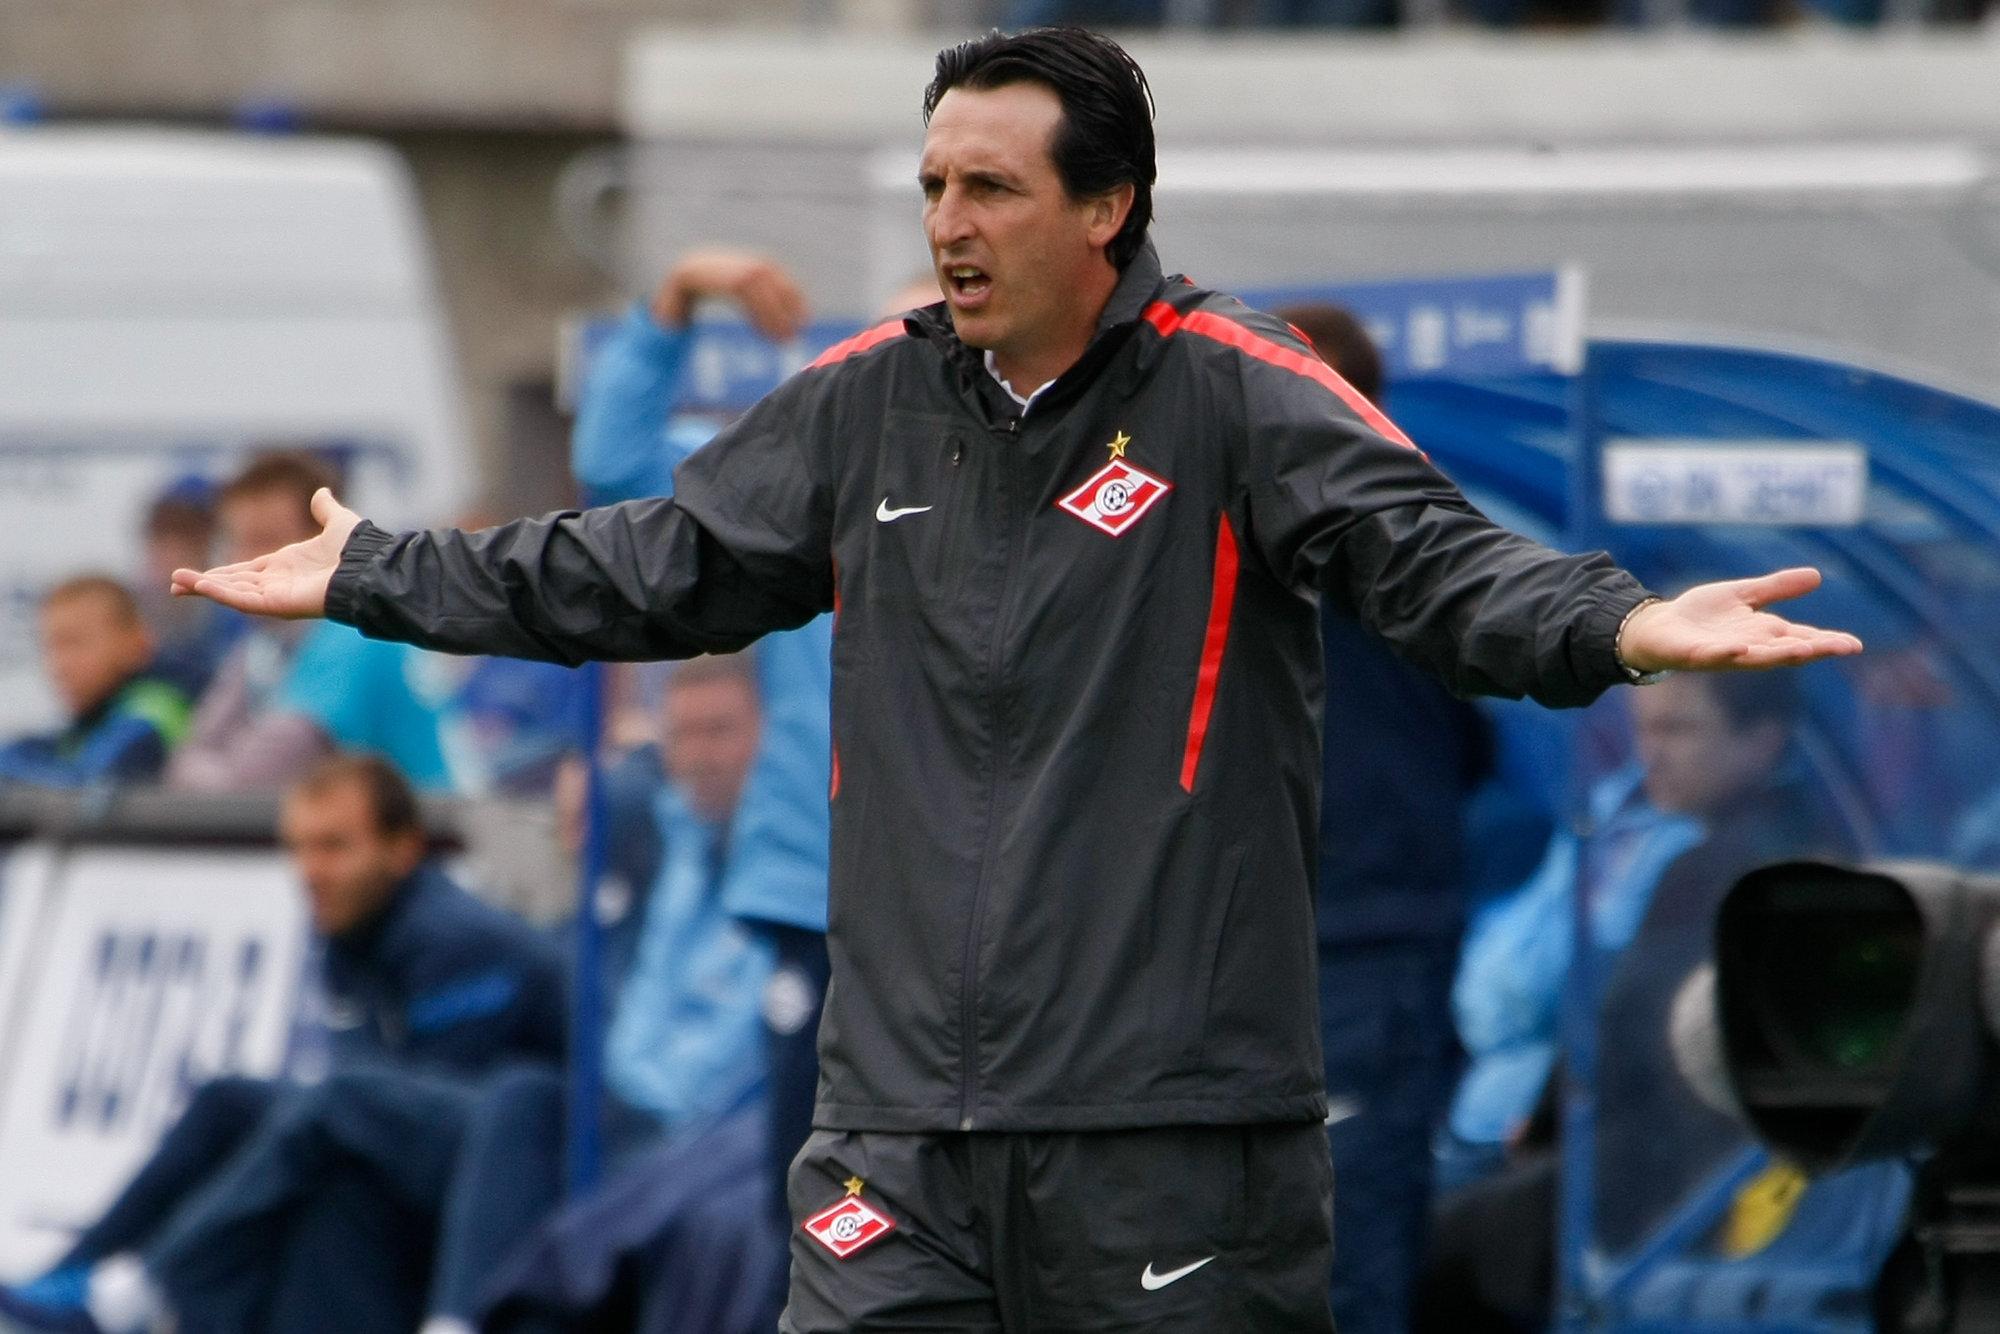 El Spartak de Moscú despide a Unai Emery después de perder 5-1